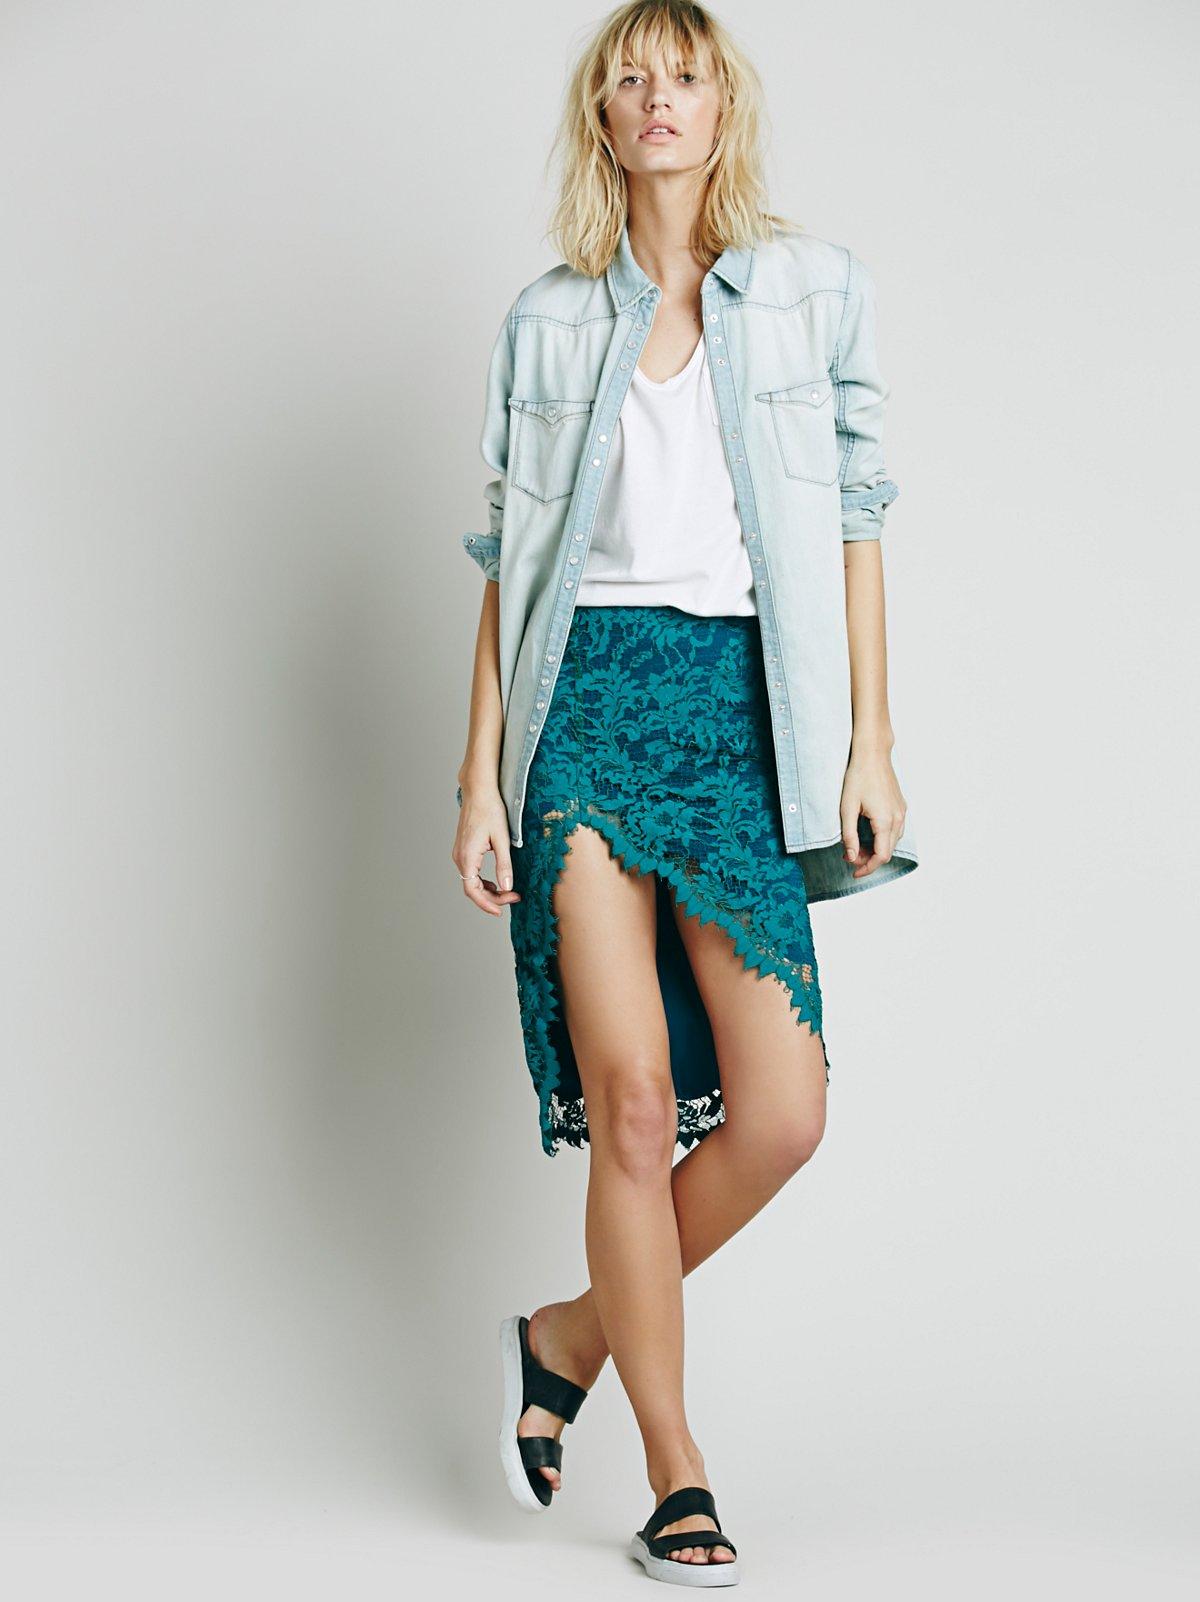 Maui Waui Lace Skirt